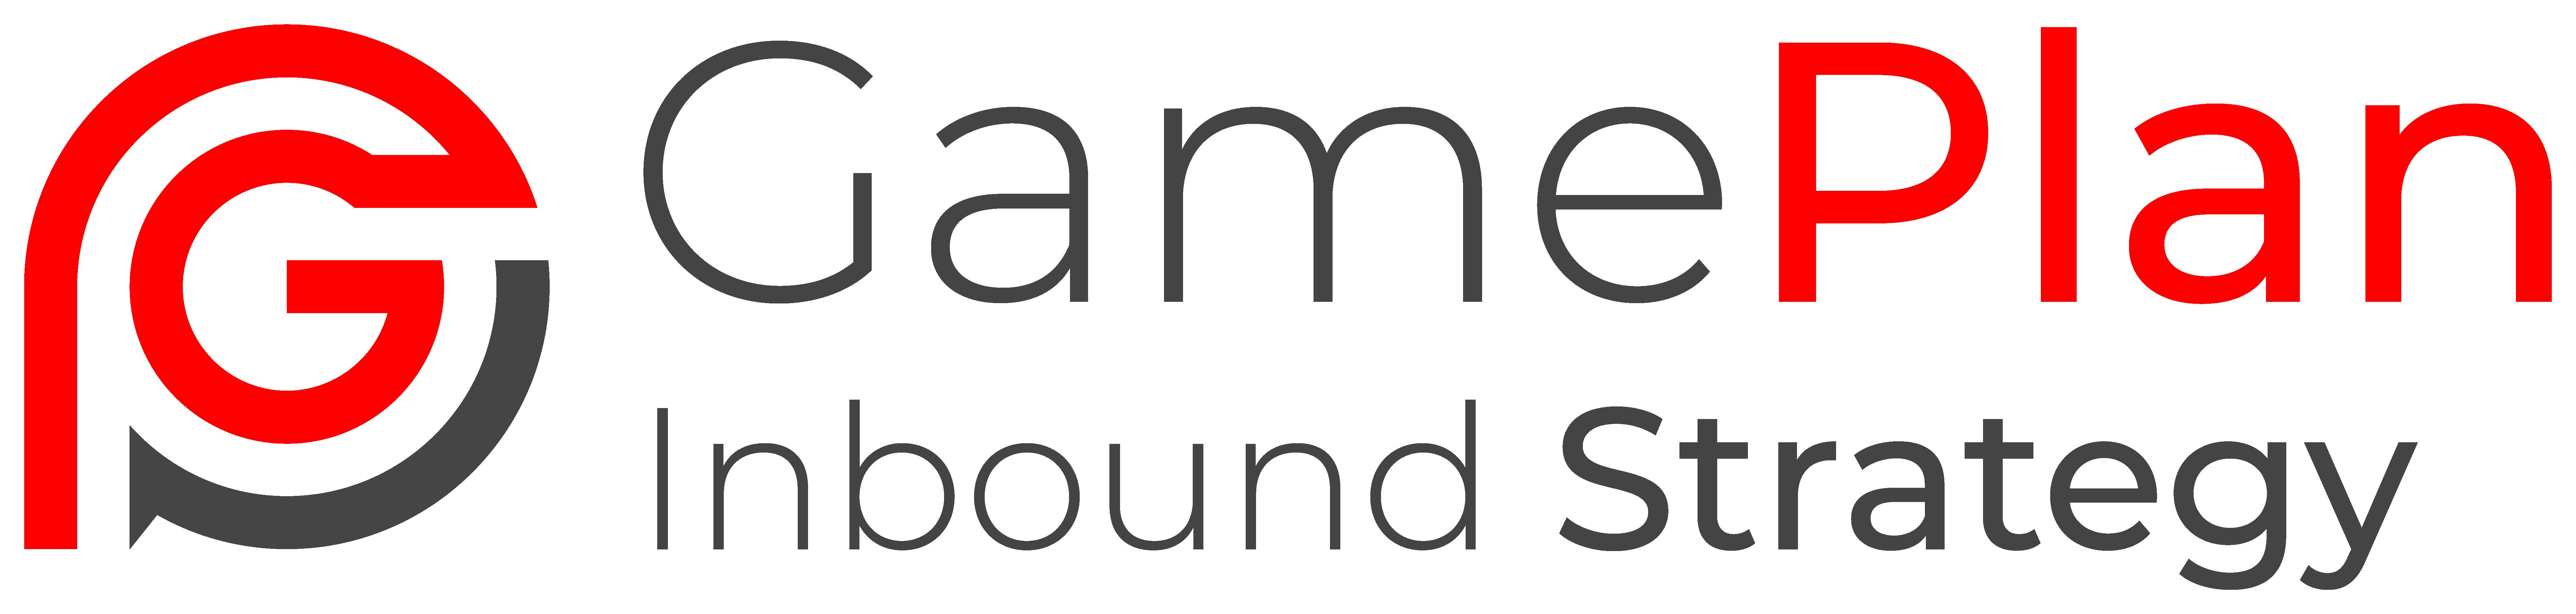 GamePlan Inbound Strategy